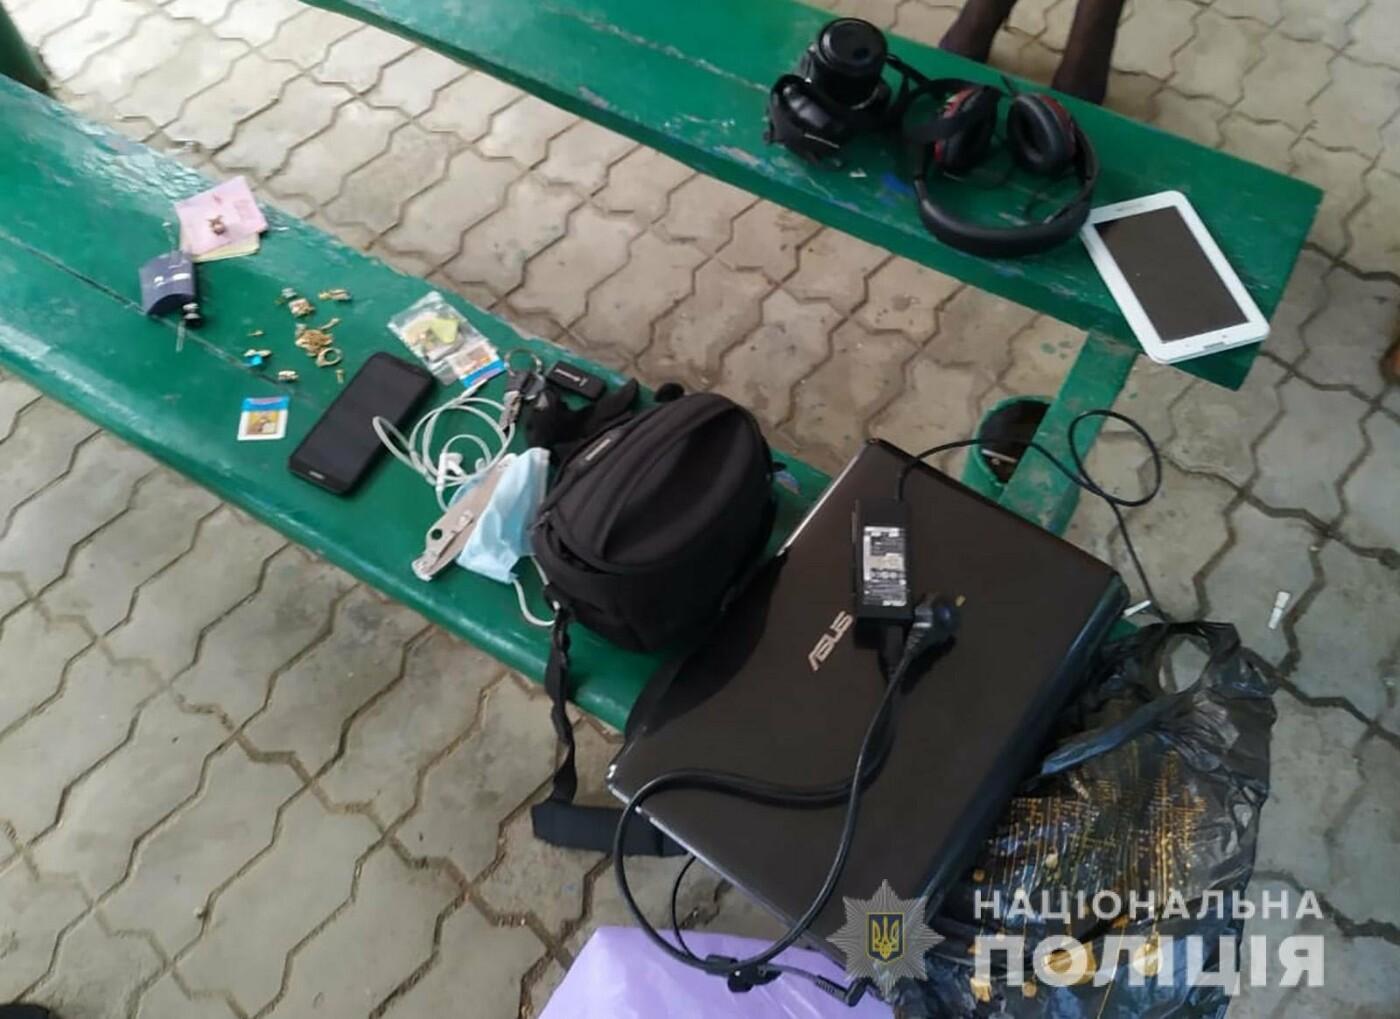 В Мелитополе задержали квартирных воров с похищенными вещами, - ФОТО, фото-1